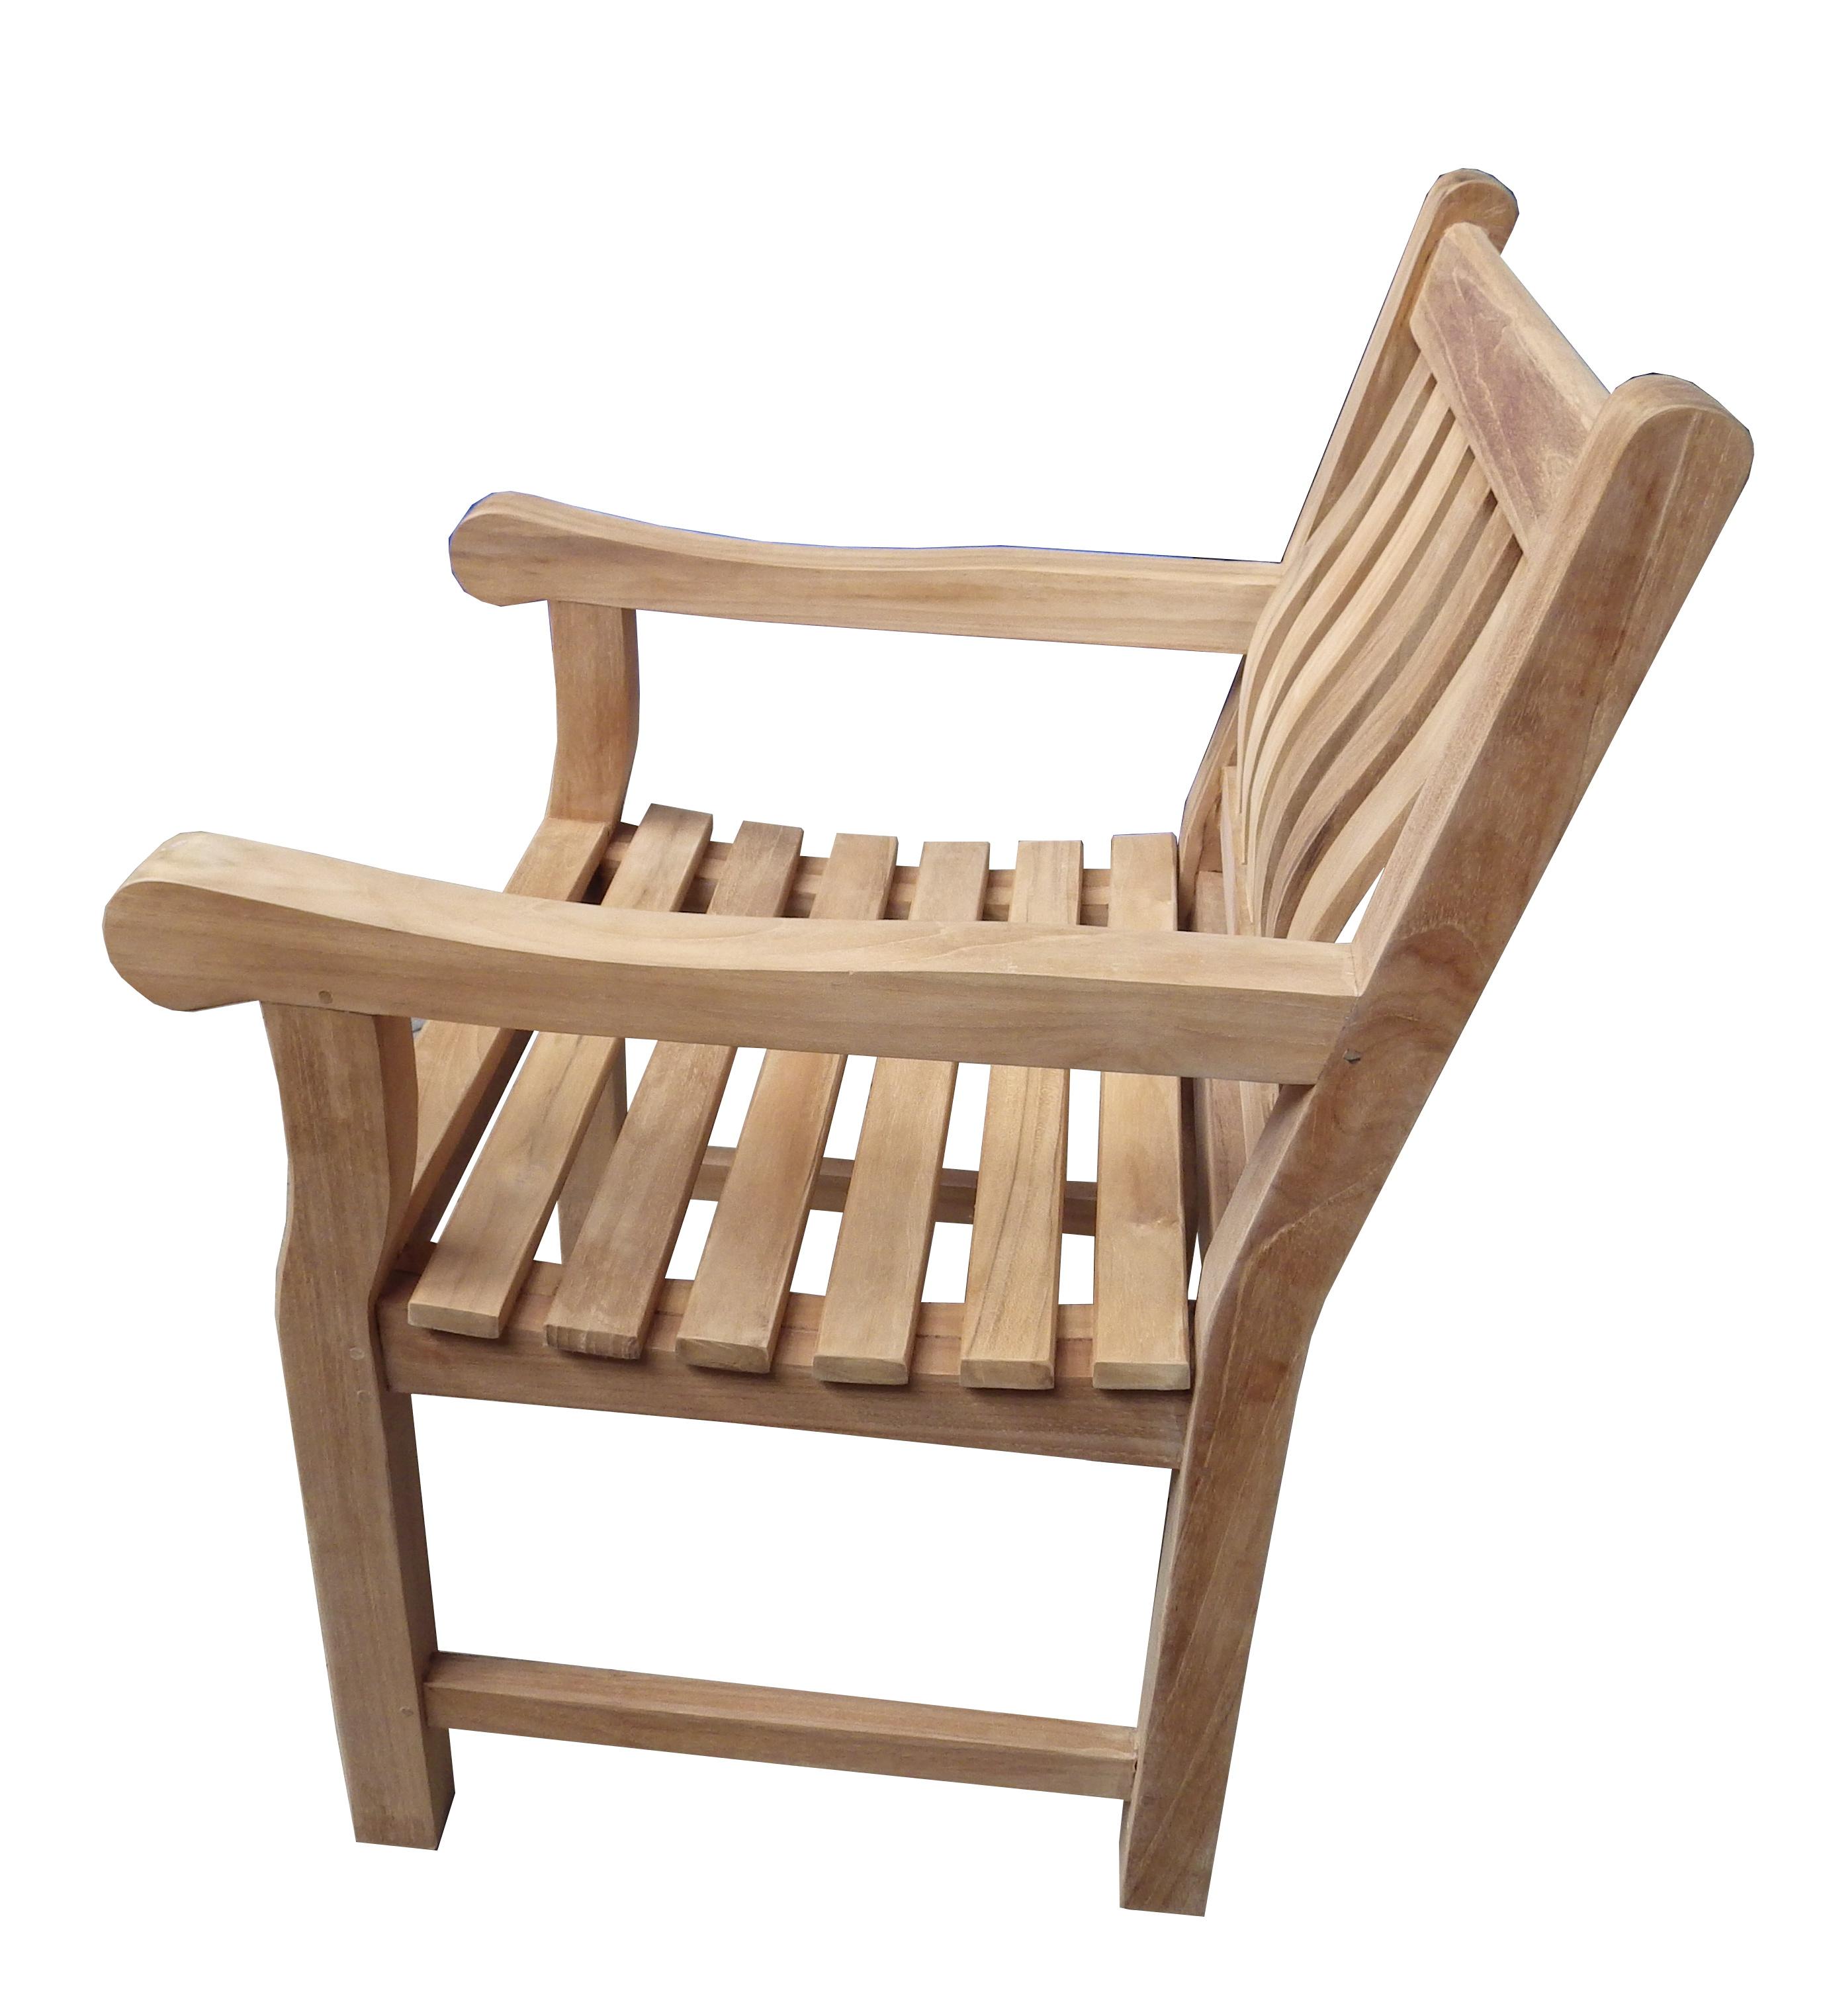 bergholz holzimport gmbh teak sessel pica ergo 60 x 62 cm h he 88 cm der bestseller. Black Bedroom Furniture Sets. Home Design Ideas